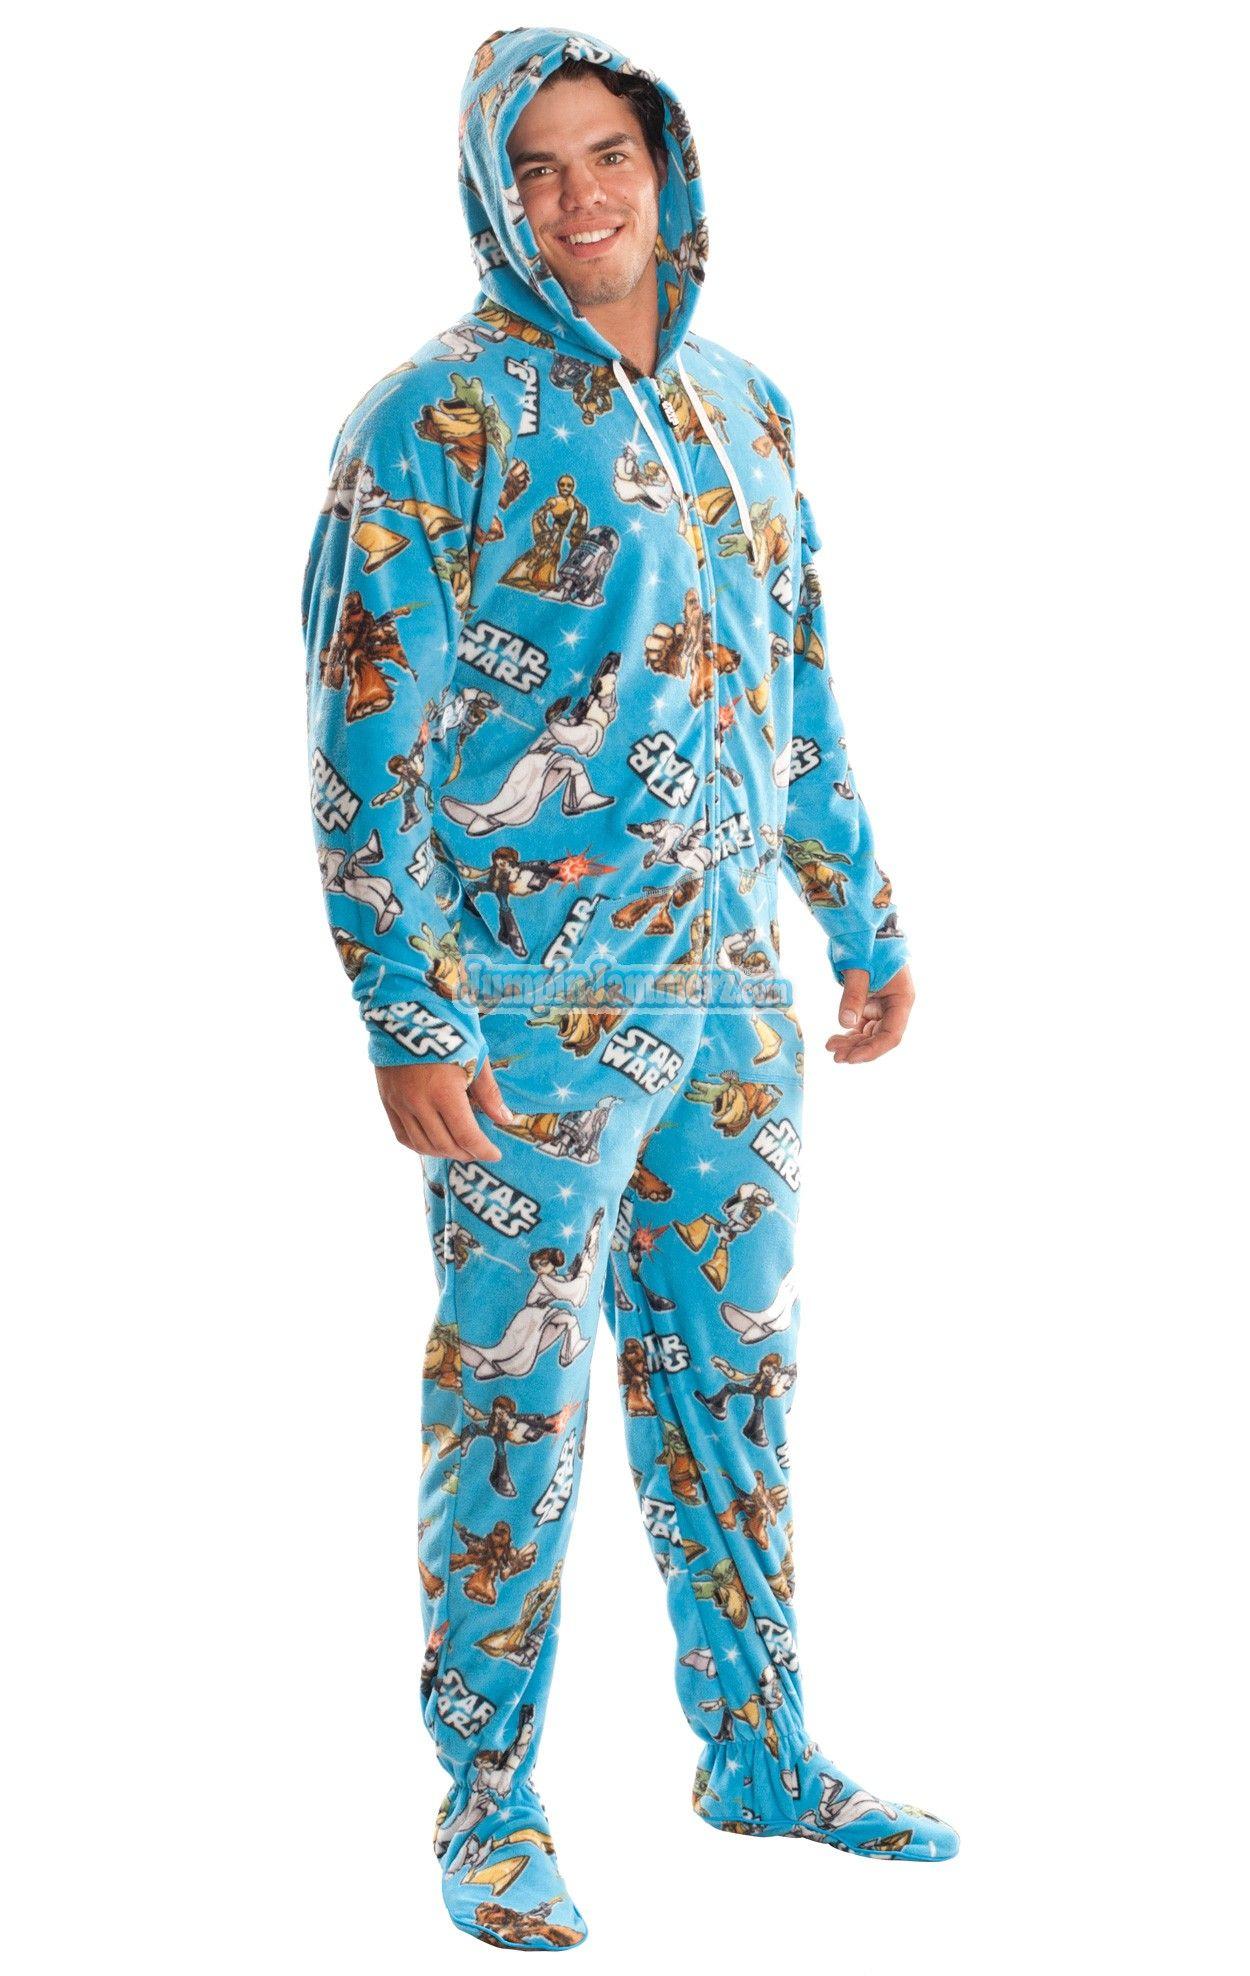 Star Wars Pajamas Footie PJs Onesies One Piece Adult ...